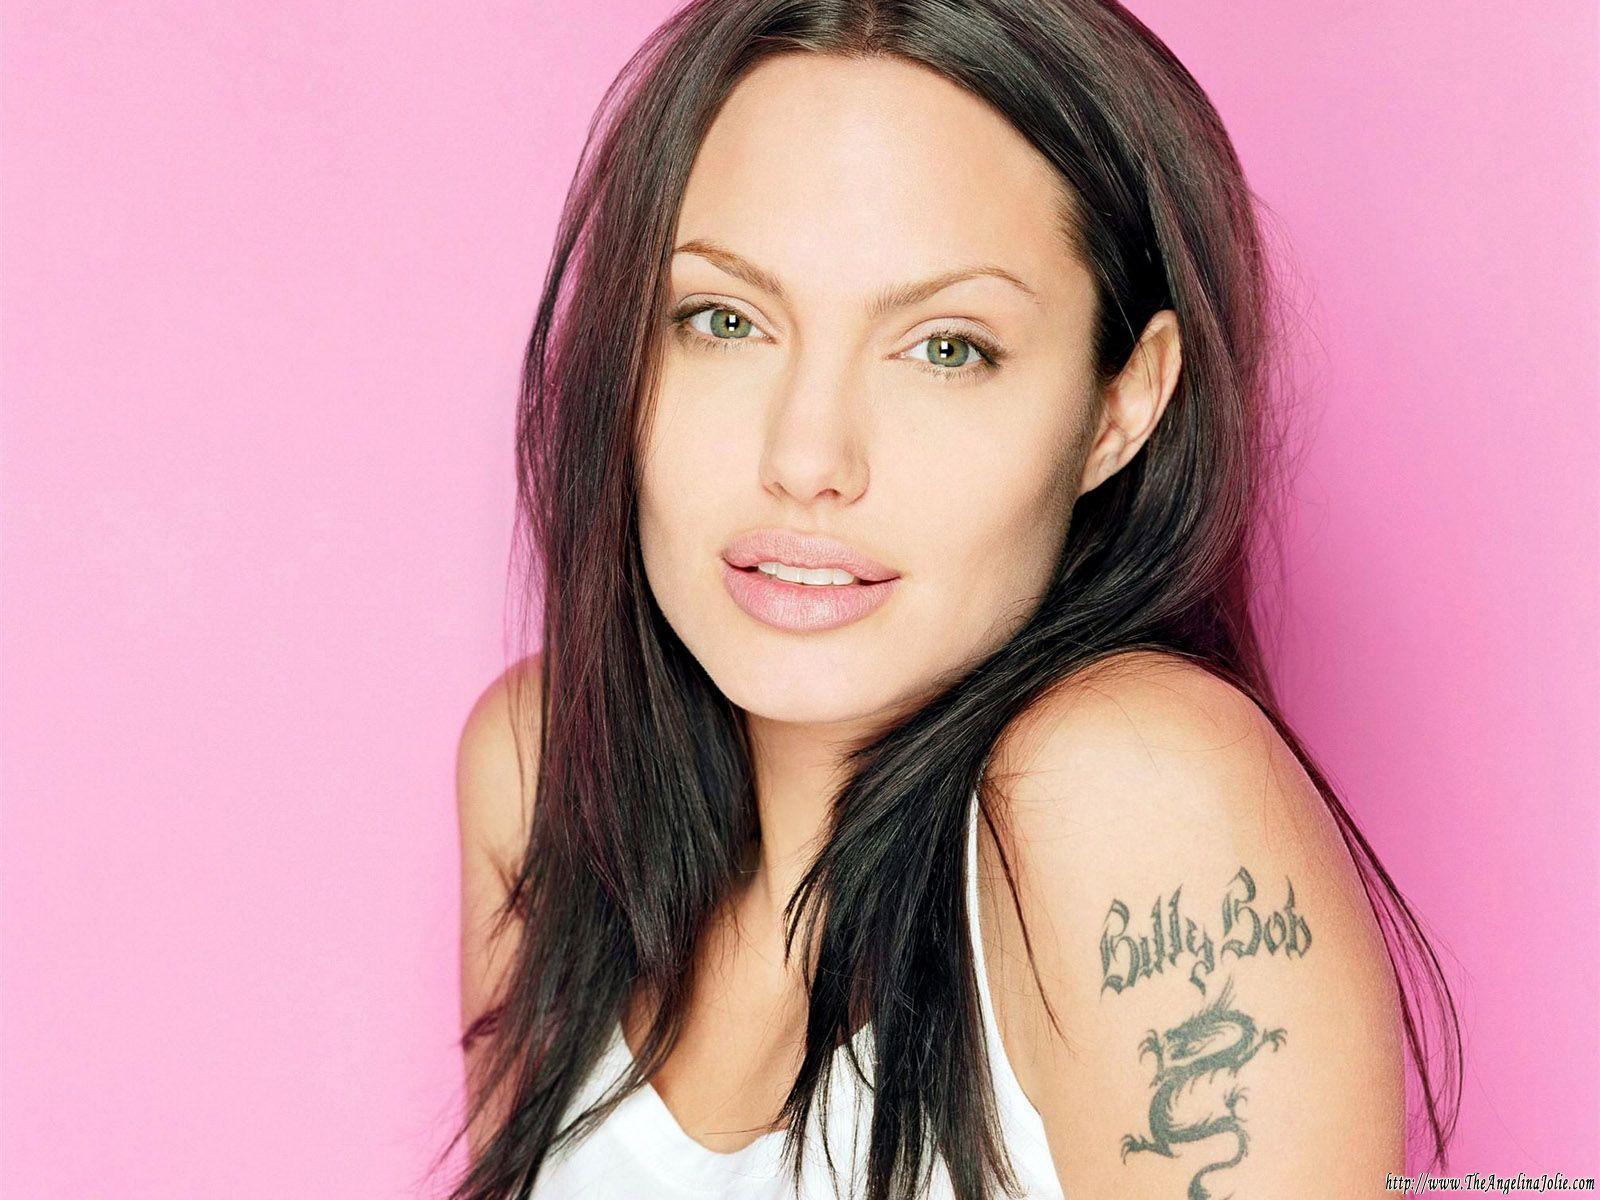 Angelina Jolie Tattoos 2019